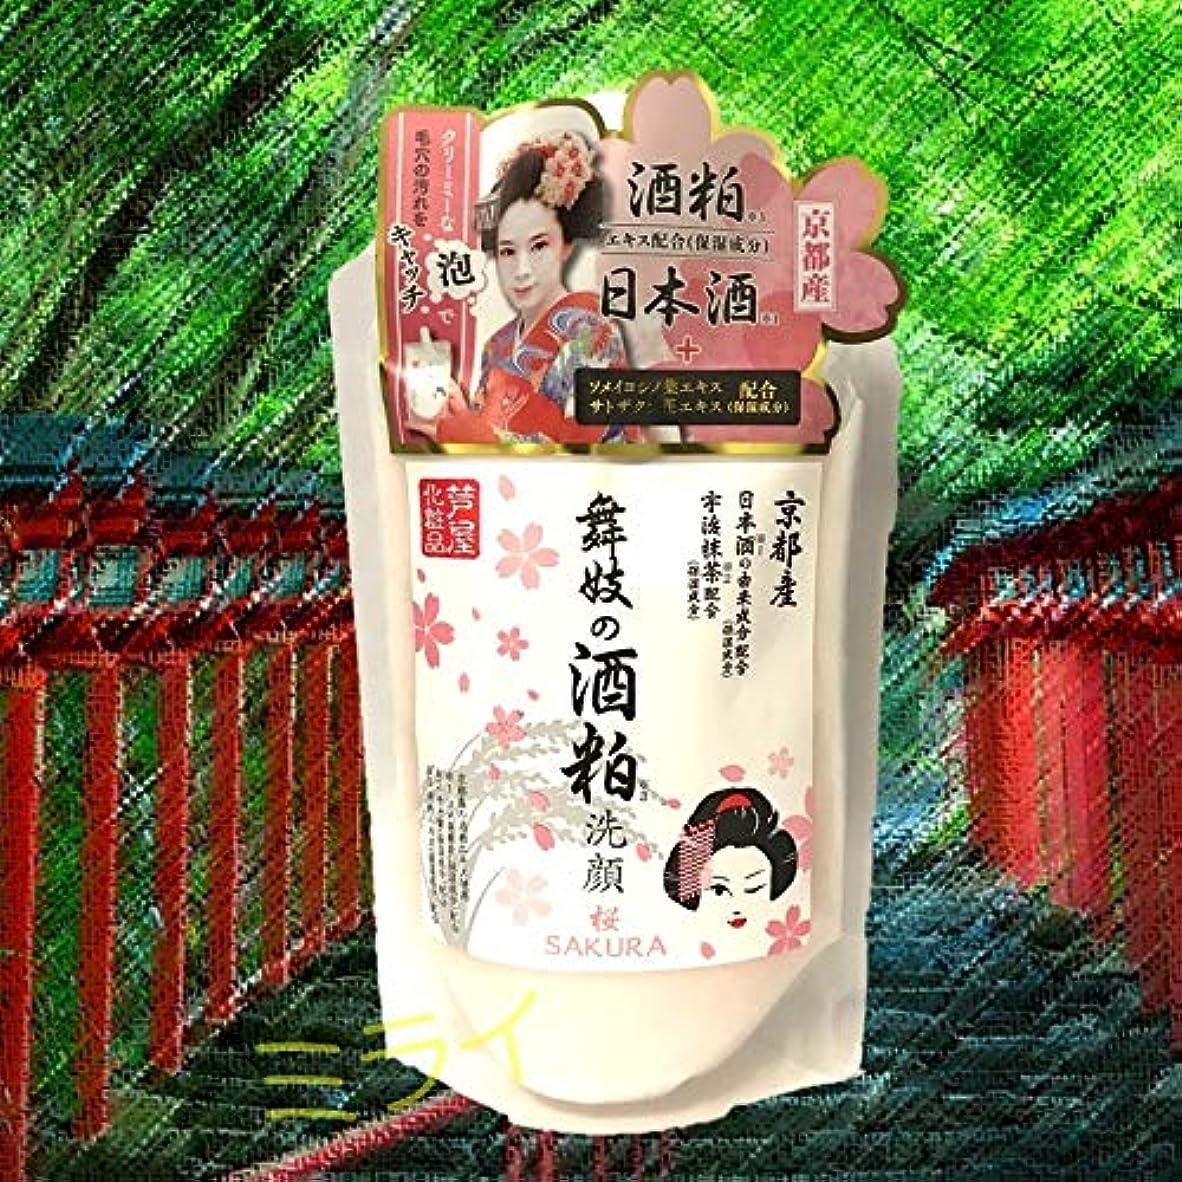 コールド豊富衝撃芦屋化粧品 舞妓の酒粕洗顔 桜 170g